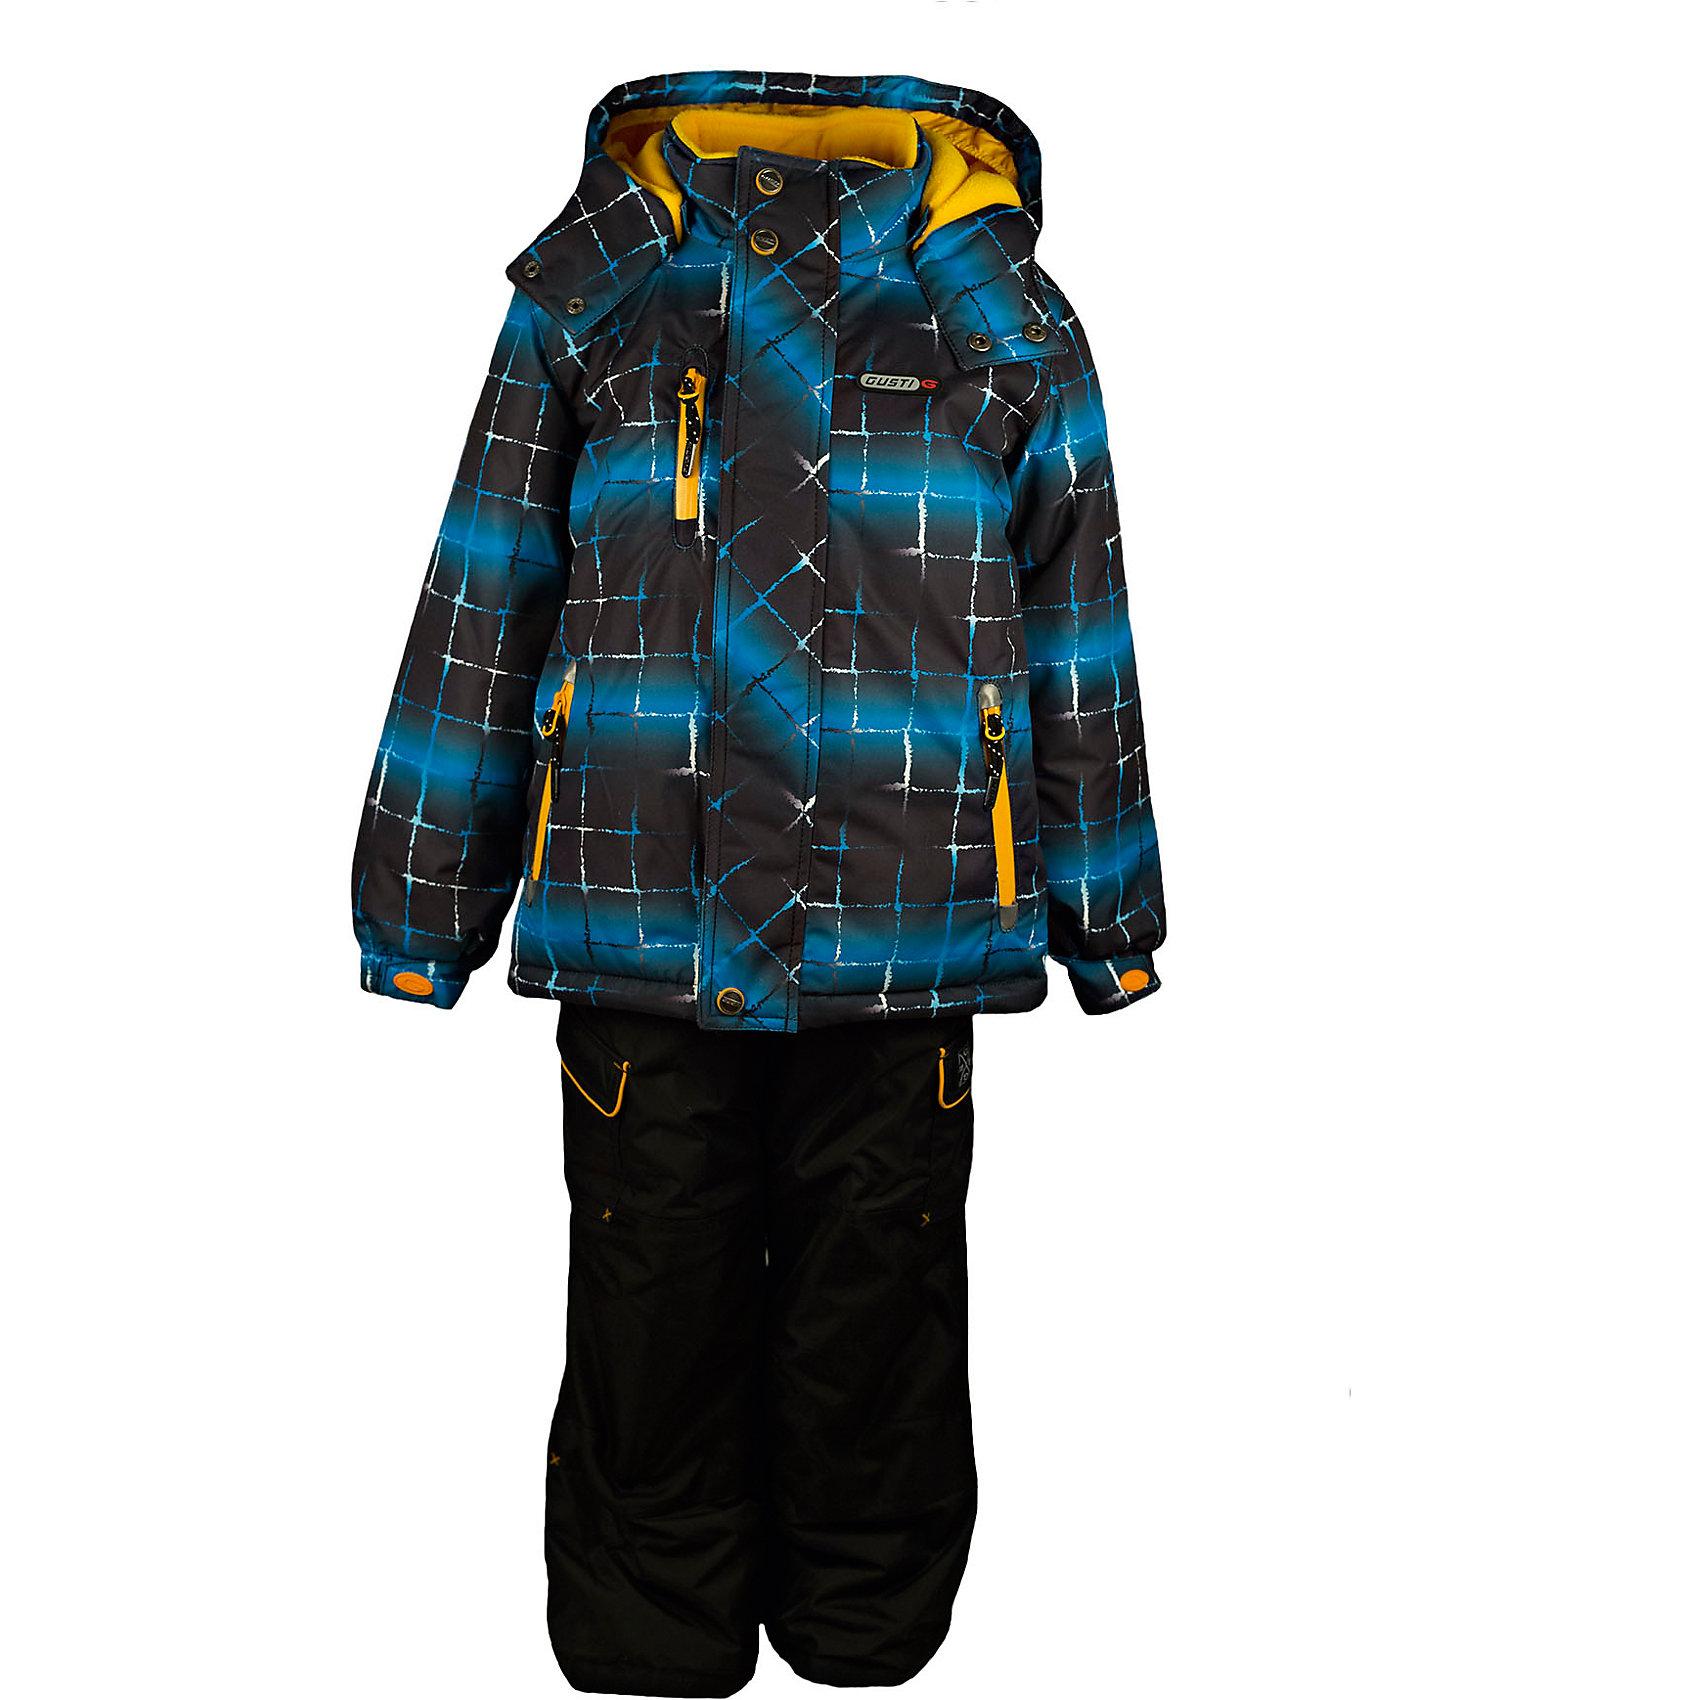 Комплект: куртка и полукомбинезон GUSTIВерхняя одежда<br>Комплект: куртка и полукомбинезон GUSTI (ГУСТИ) – это идеальный вариант для суровой зимы с сильными морозами.<br><br>Температурный режим: до -30  градусов. Степень утепления – высокая. <br><br>* Температурный режим указан приблизительно — необходимо, прежде всего, ориентироваться на ощущения ребенка. Температурный режим работает в случае соблюдения правила многослойности – использования флисовой поддевы и термобелья.<br><br>Комплект от GUSTI (ГУСТИ) состоит из куртки и полукомбинезона прямого кроя, выполненных из плотного непромокаемого материала с защитной от влаги мембраной 5000 мм. Тань хорошо сохраняет тепло, отталкивает влагу и позволяет коже ребенка дышать. Утеплитель из тек-полифилла и флисовая внутренняя отделка на груди и на спинке дают возможность использовать комплект при очень низких температурах. Куртка застегивается на молнию с ветрозащитной планкой, имеет внутренние карманы на молниях, снегозащитную юбку, трикотажные манжеты в рукавах, отстёгивающийся прилегающий капюшон с флисовой подкладкой, высокий ворот с защитой подбородка. Низ рукавов регулируется с помощью липучек. Полукомбинезон застегивается на молнию, имеет два накладных кармана с клапанами, регулируемые лямки, снегозащитные гетры. Длина брючин регулируется (отворот с креплением на липе). Сзади, на коленях, и по низу брючин имеется дополнительный слой ткани Cordura Oxford (сверхстойкий полиэстер). До размера 6х (120 см.) у полукомбинезона высокая грудка, в размерах 7 (122 см.) - 14 (164см) отстегивающаяся спинка, грудки нет. Модель подходит для прогулок на морозе до -30 градусов.<br><br>Дополнительная информация:<br><br>- Сезон: зима<br>- Пол: мальчик<br>- Цвет: синий, черный, серый, желтый<br>- Узор: клетка<br>- Температурный режим до -30 градусов<br>- Материал верха: куртка - shuss 5000мм (100% полиэстер); брюки - taslan 5000мм, накладки Cordura Oxford сзади, на коленях, и по низу брючин<br>- Наполнитель: куртка - тек-полифилл плотно